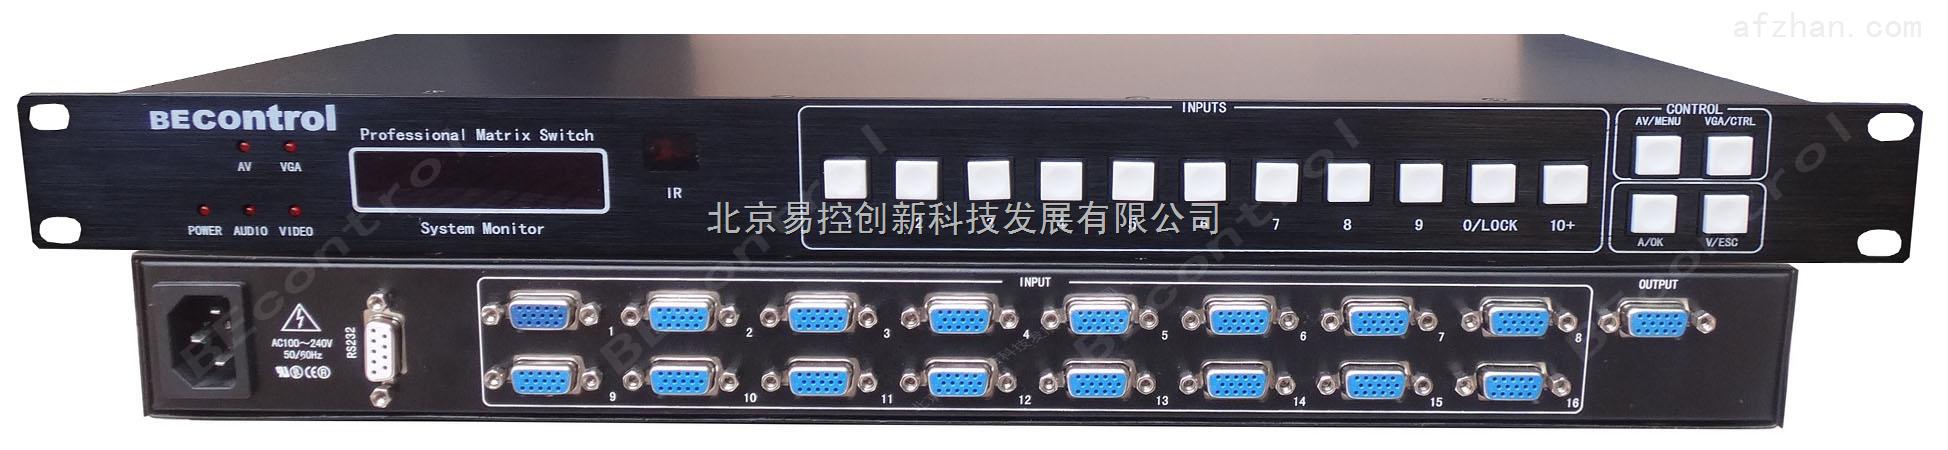 多主机切换器_yc100线控面板23口线控器 线控面板 会议线控主机 16路电脑切换器面板